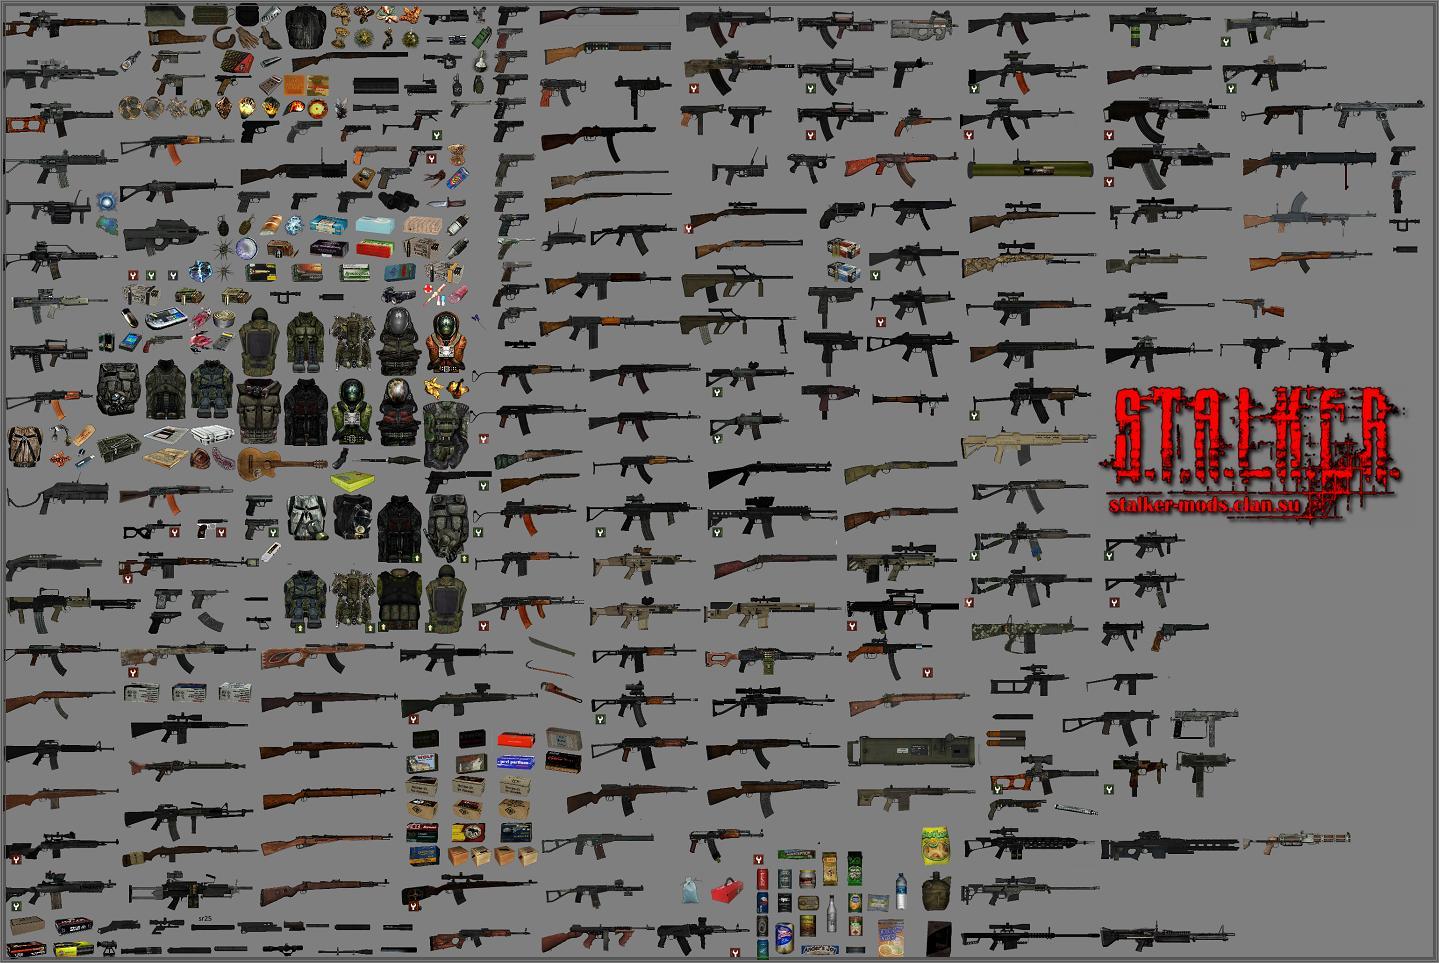 файл иконок с оружием